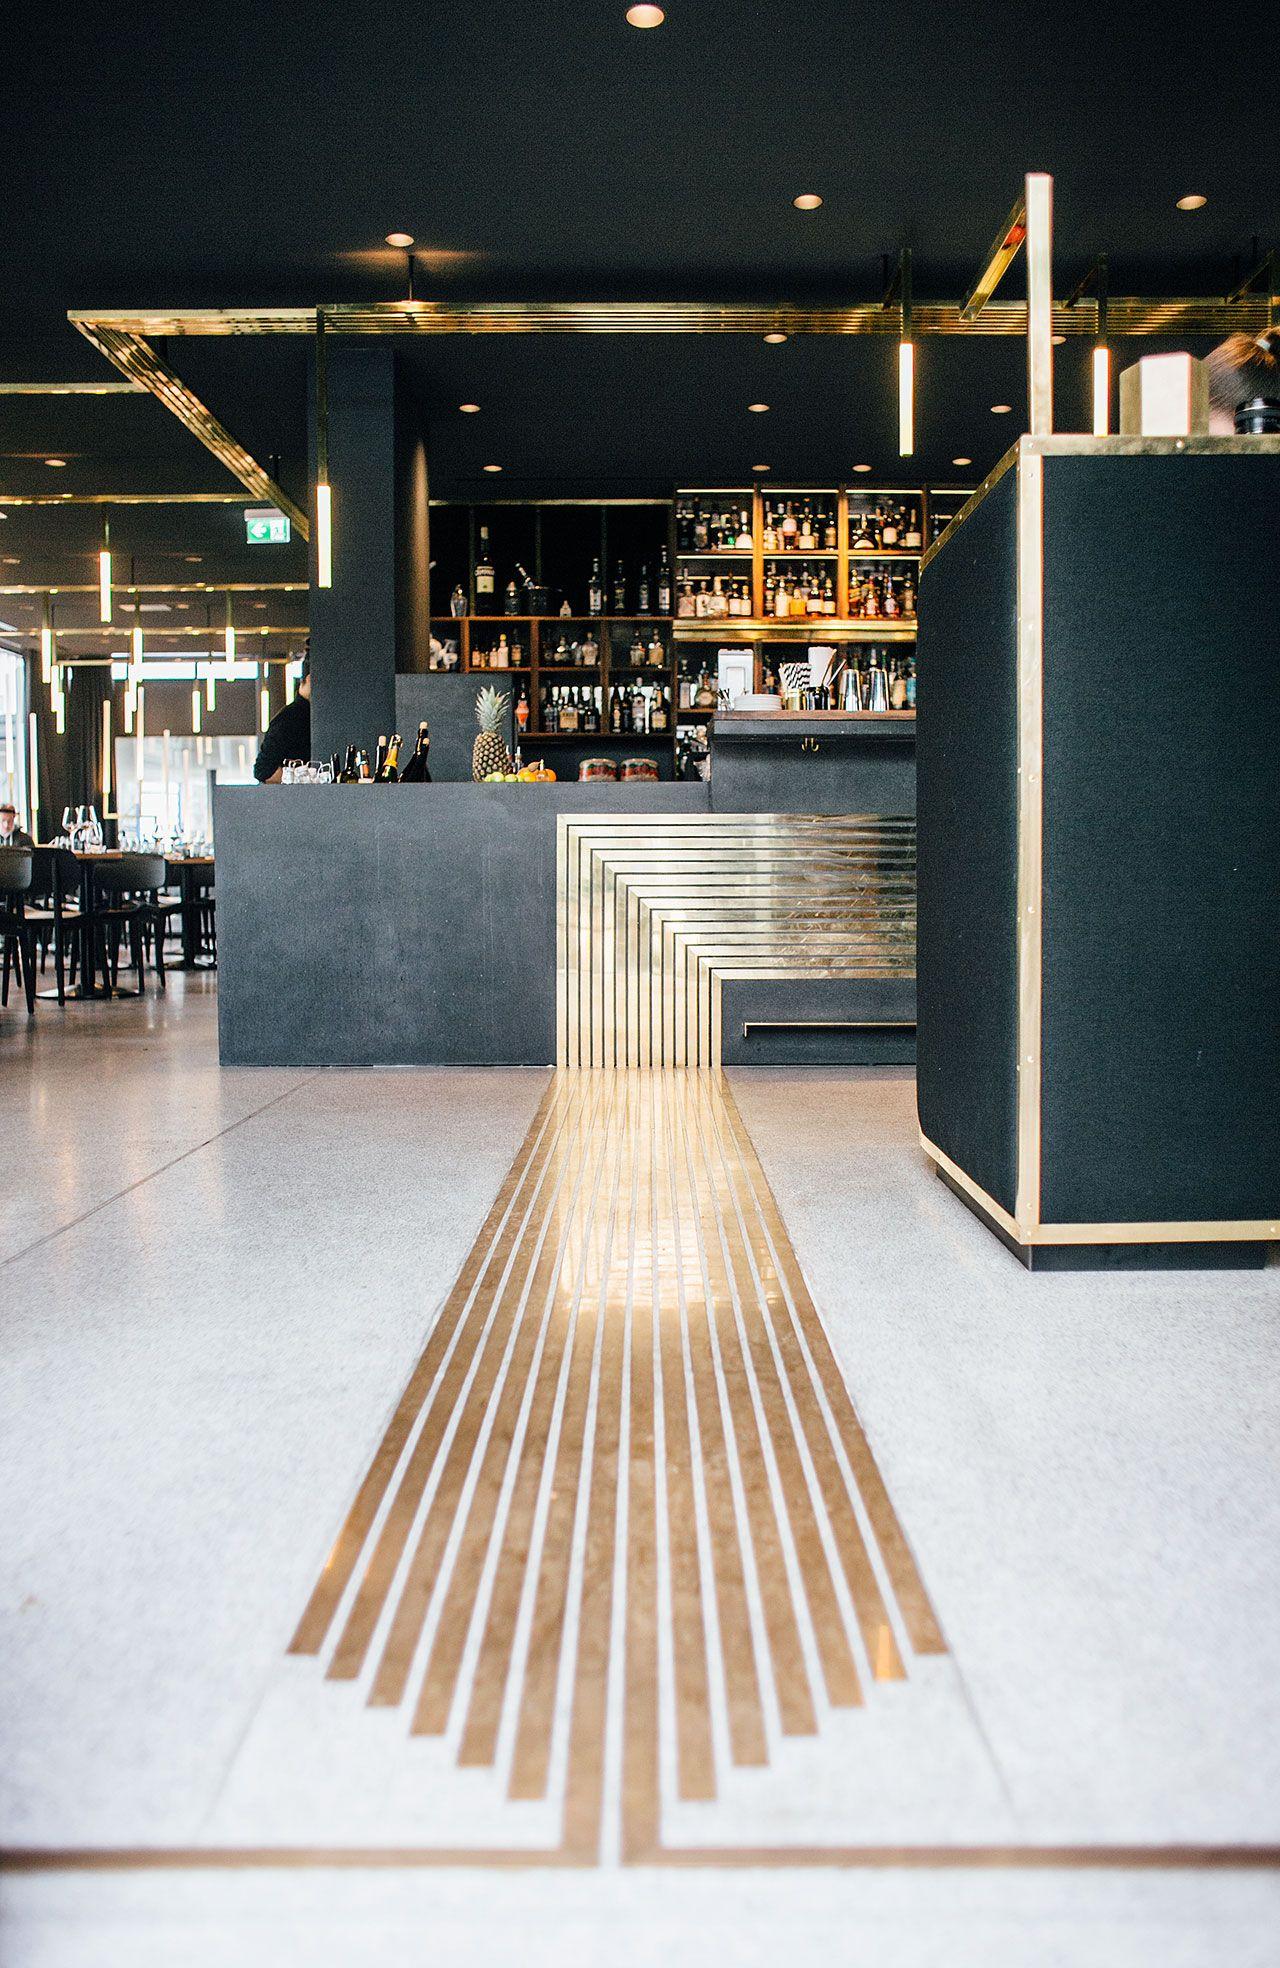 Herzog Bar & Restaurant in Munich with brass veins in the flooring. Photo © BUILD Inc.